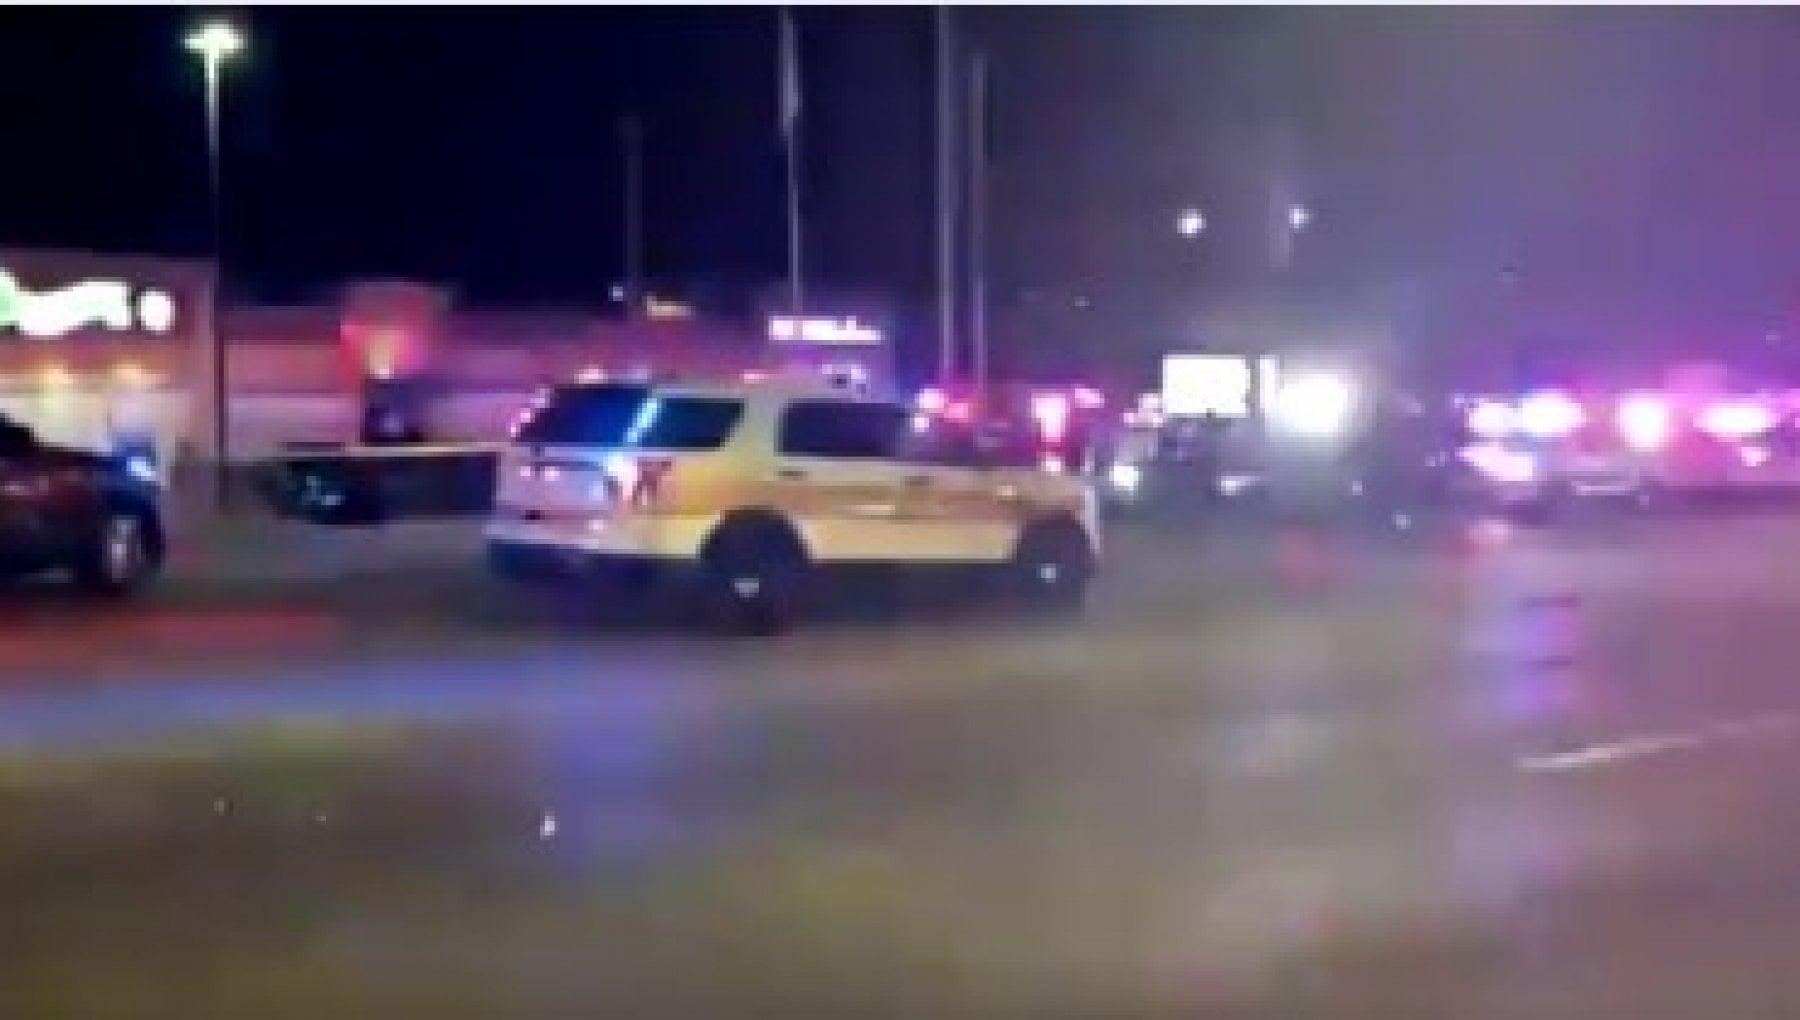 Usa sparatoria in un bowling in Illinois almeno 3 vittime fermato un uomo